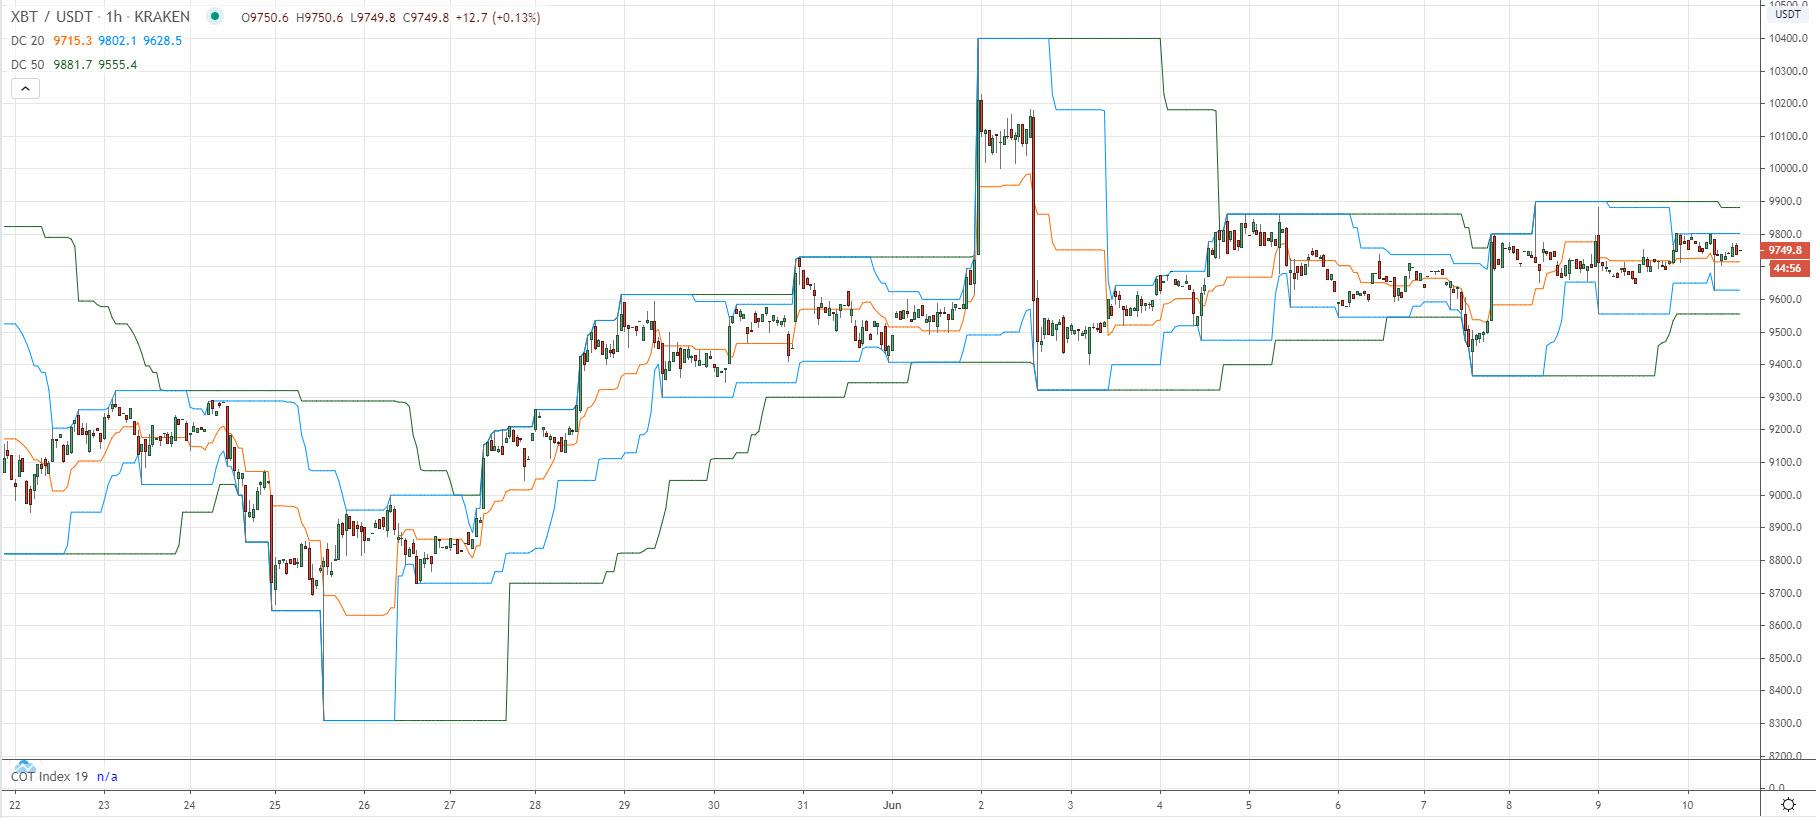 Второй вариант - Бесплатный трендовый бот для торговли пробоя канала для биржи Bitmex